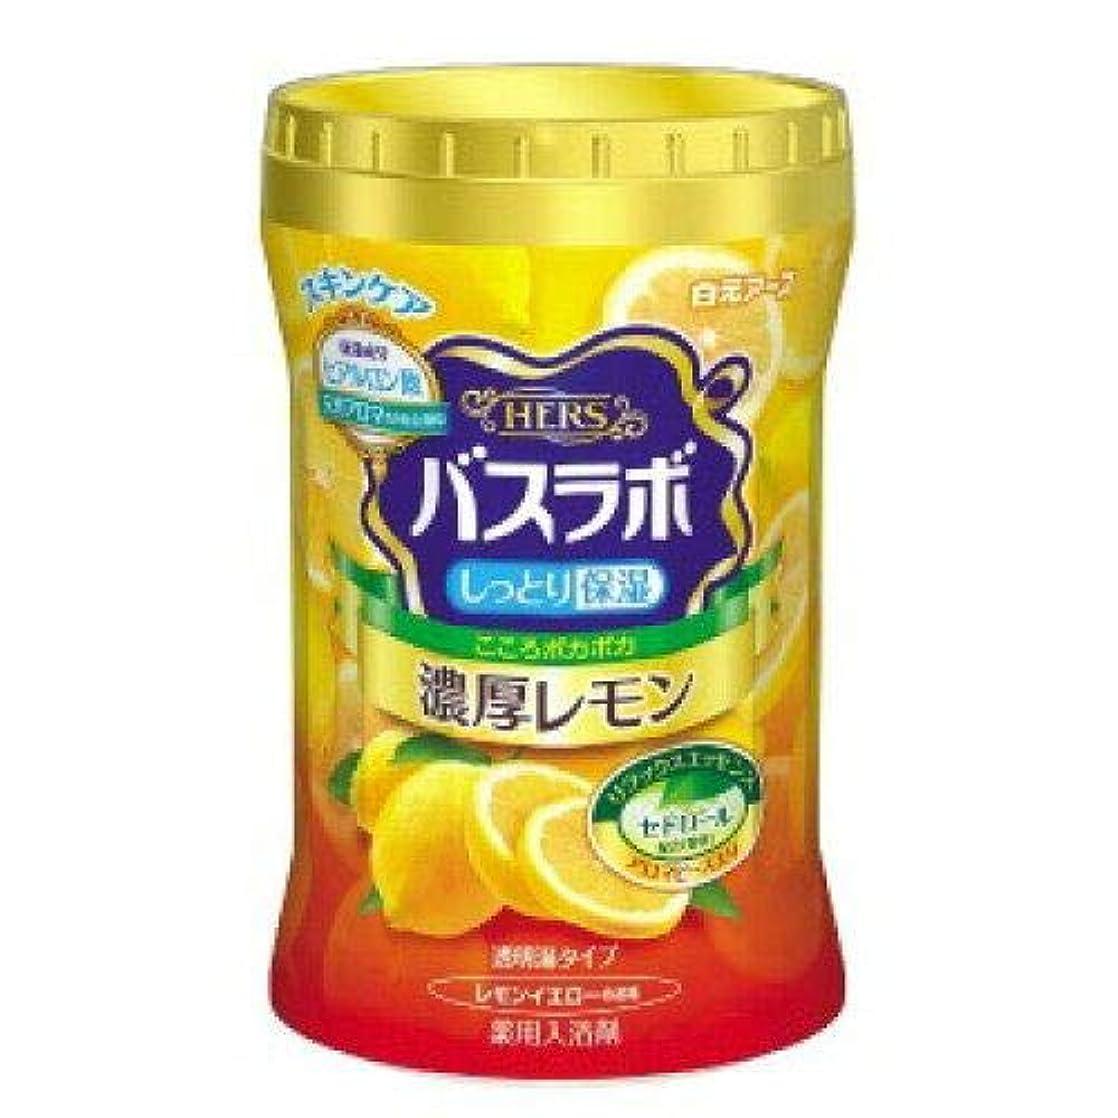 バスラボボトル濃厚レモン640g